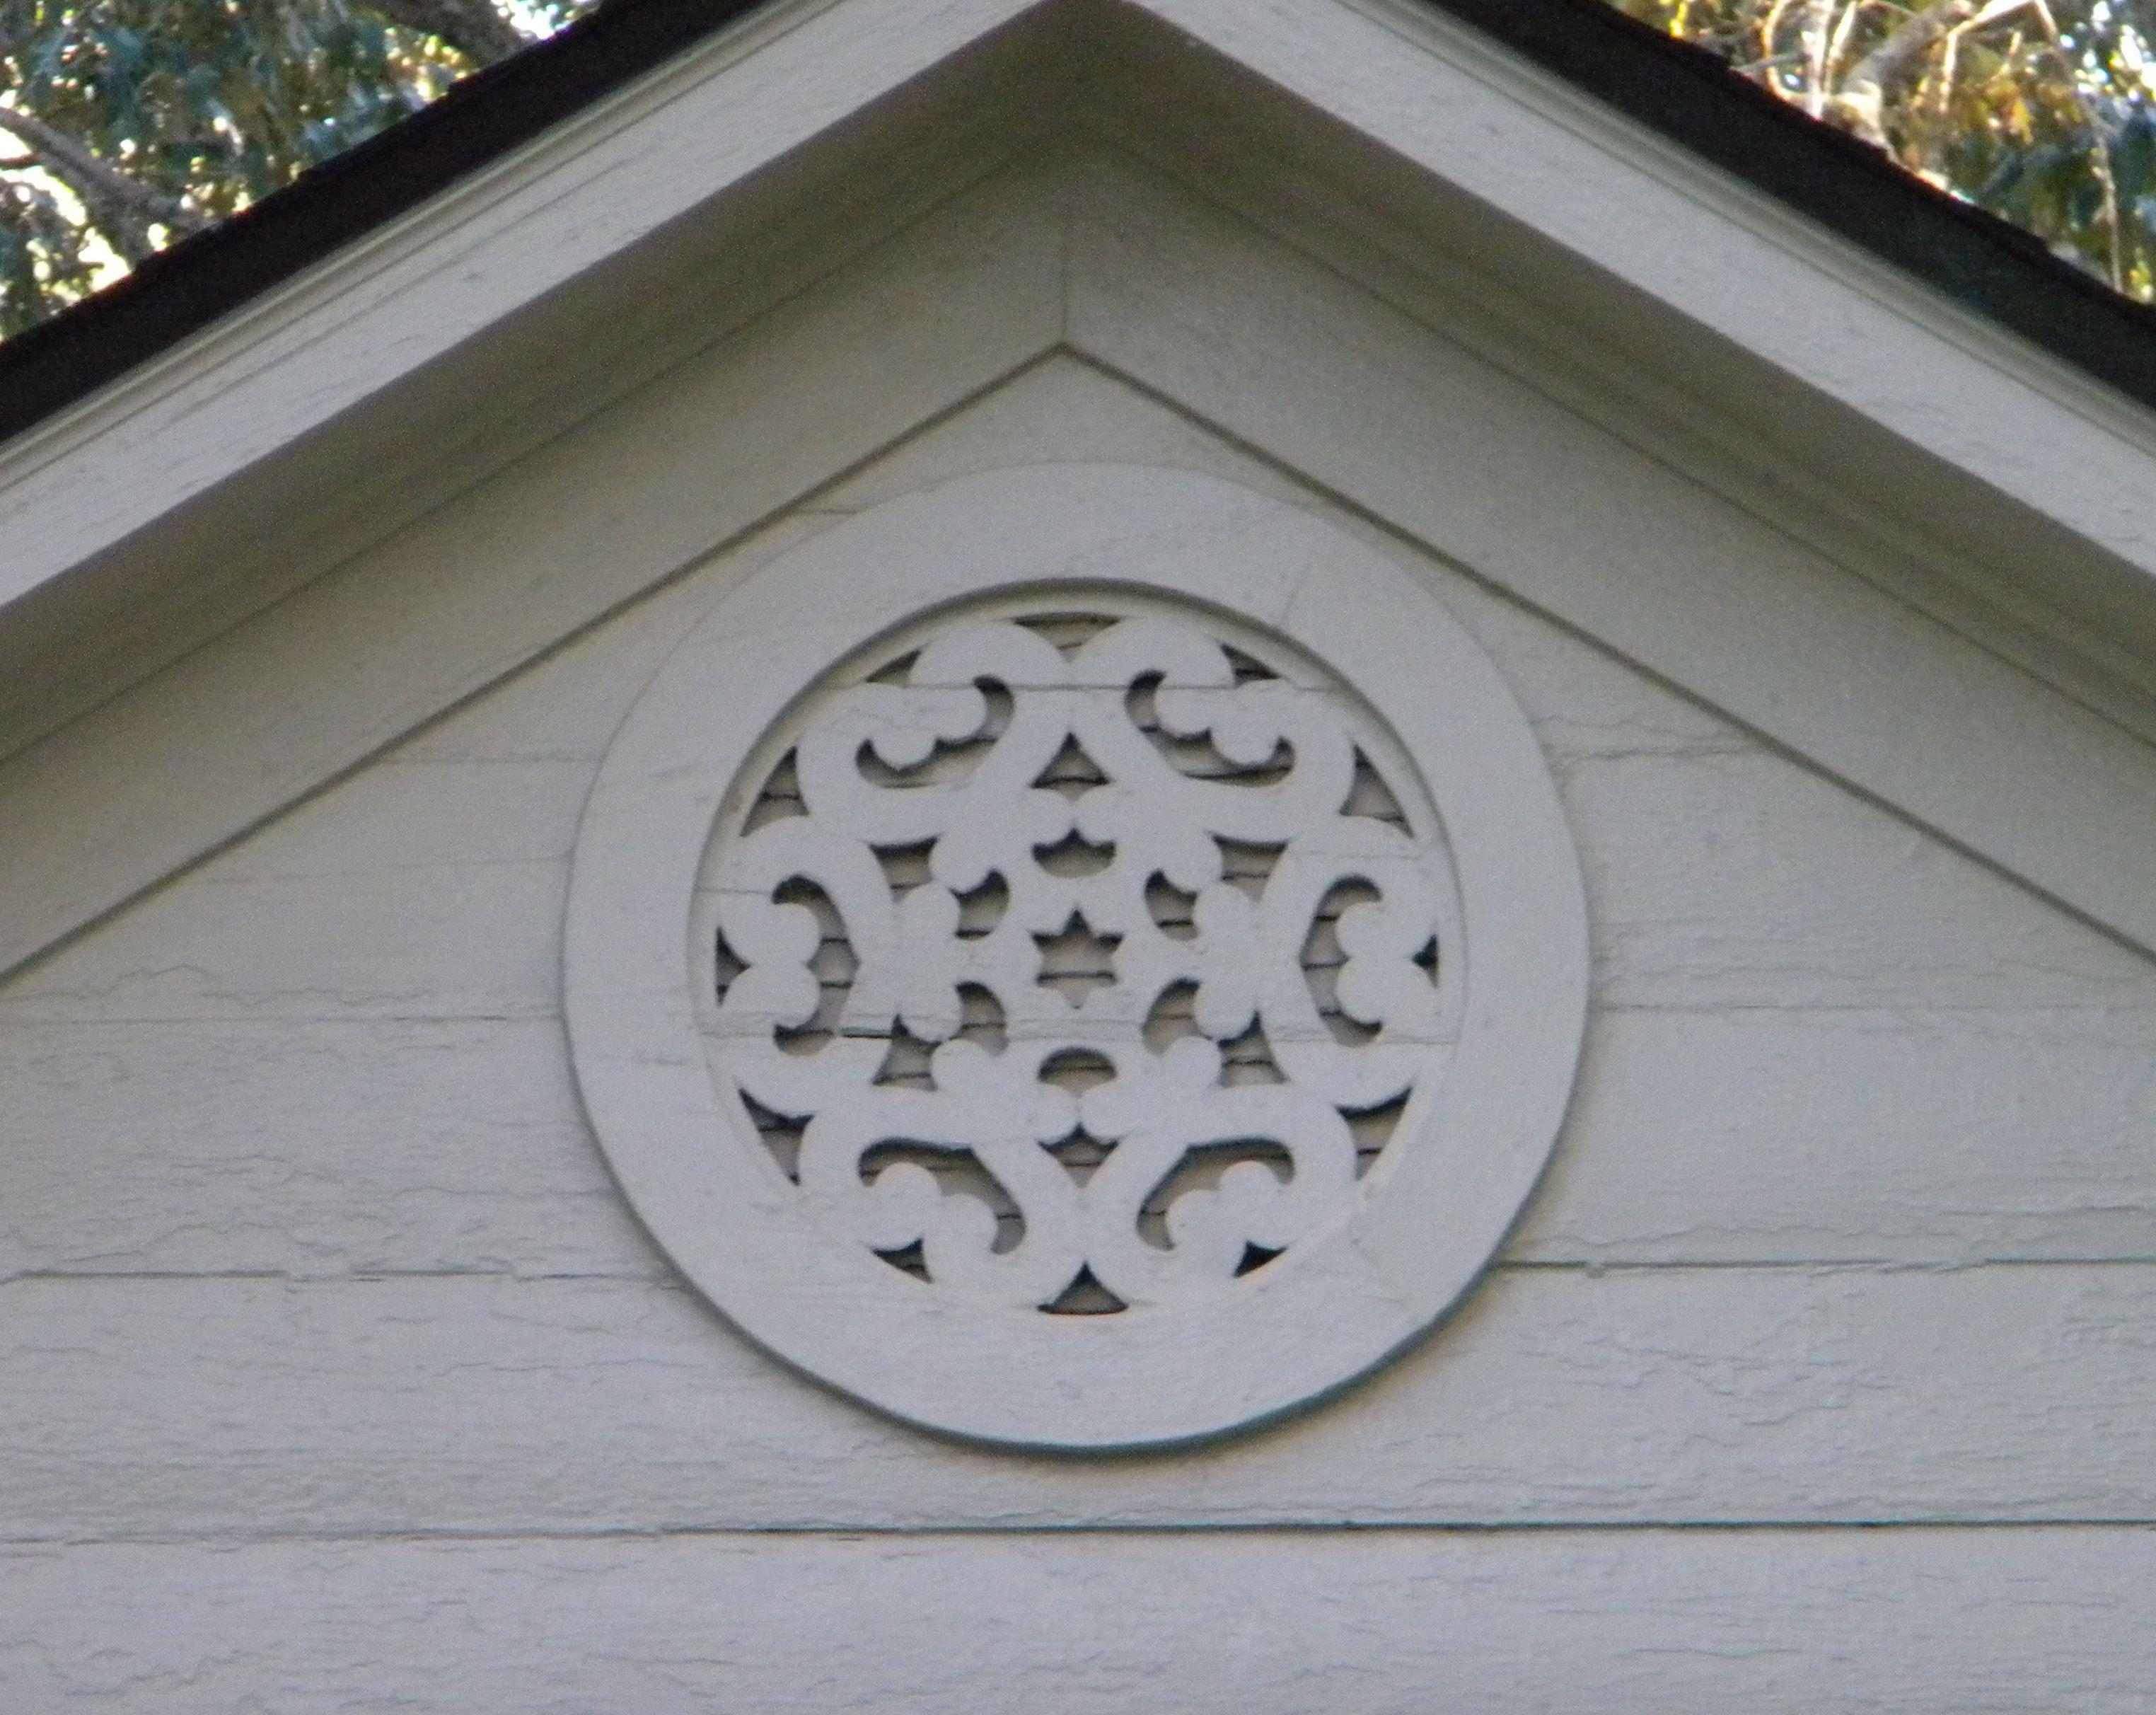 Decorative Gable Vent Oxford Ms Gable Vents Gable Decorations Exterior House Colors